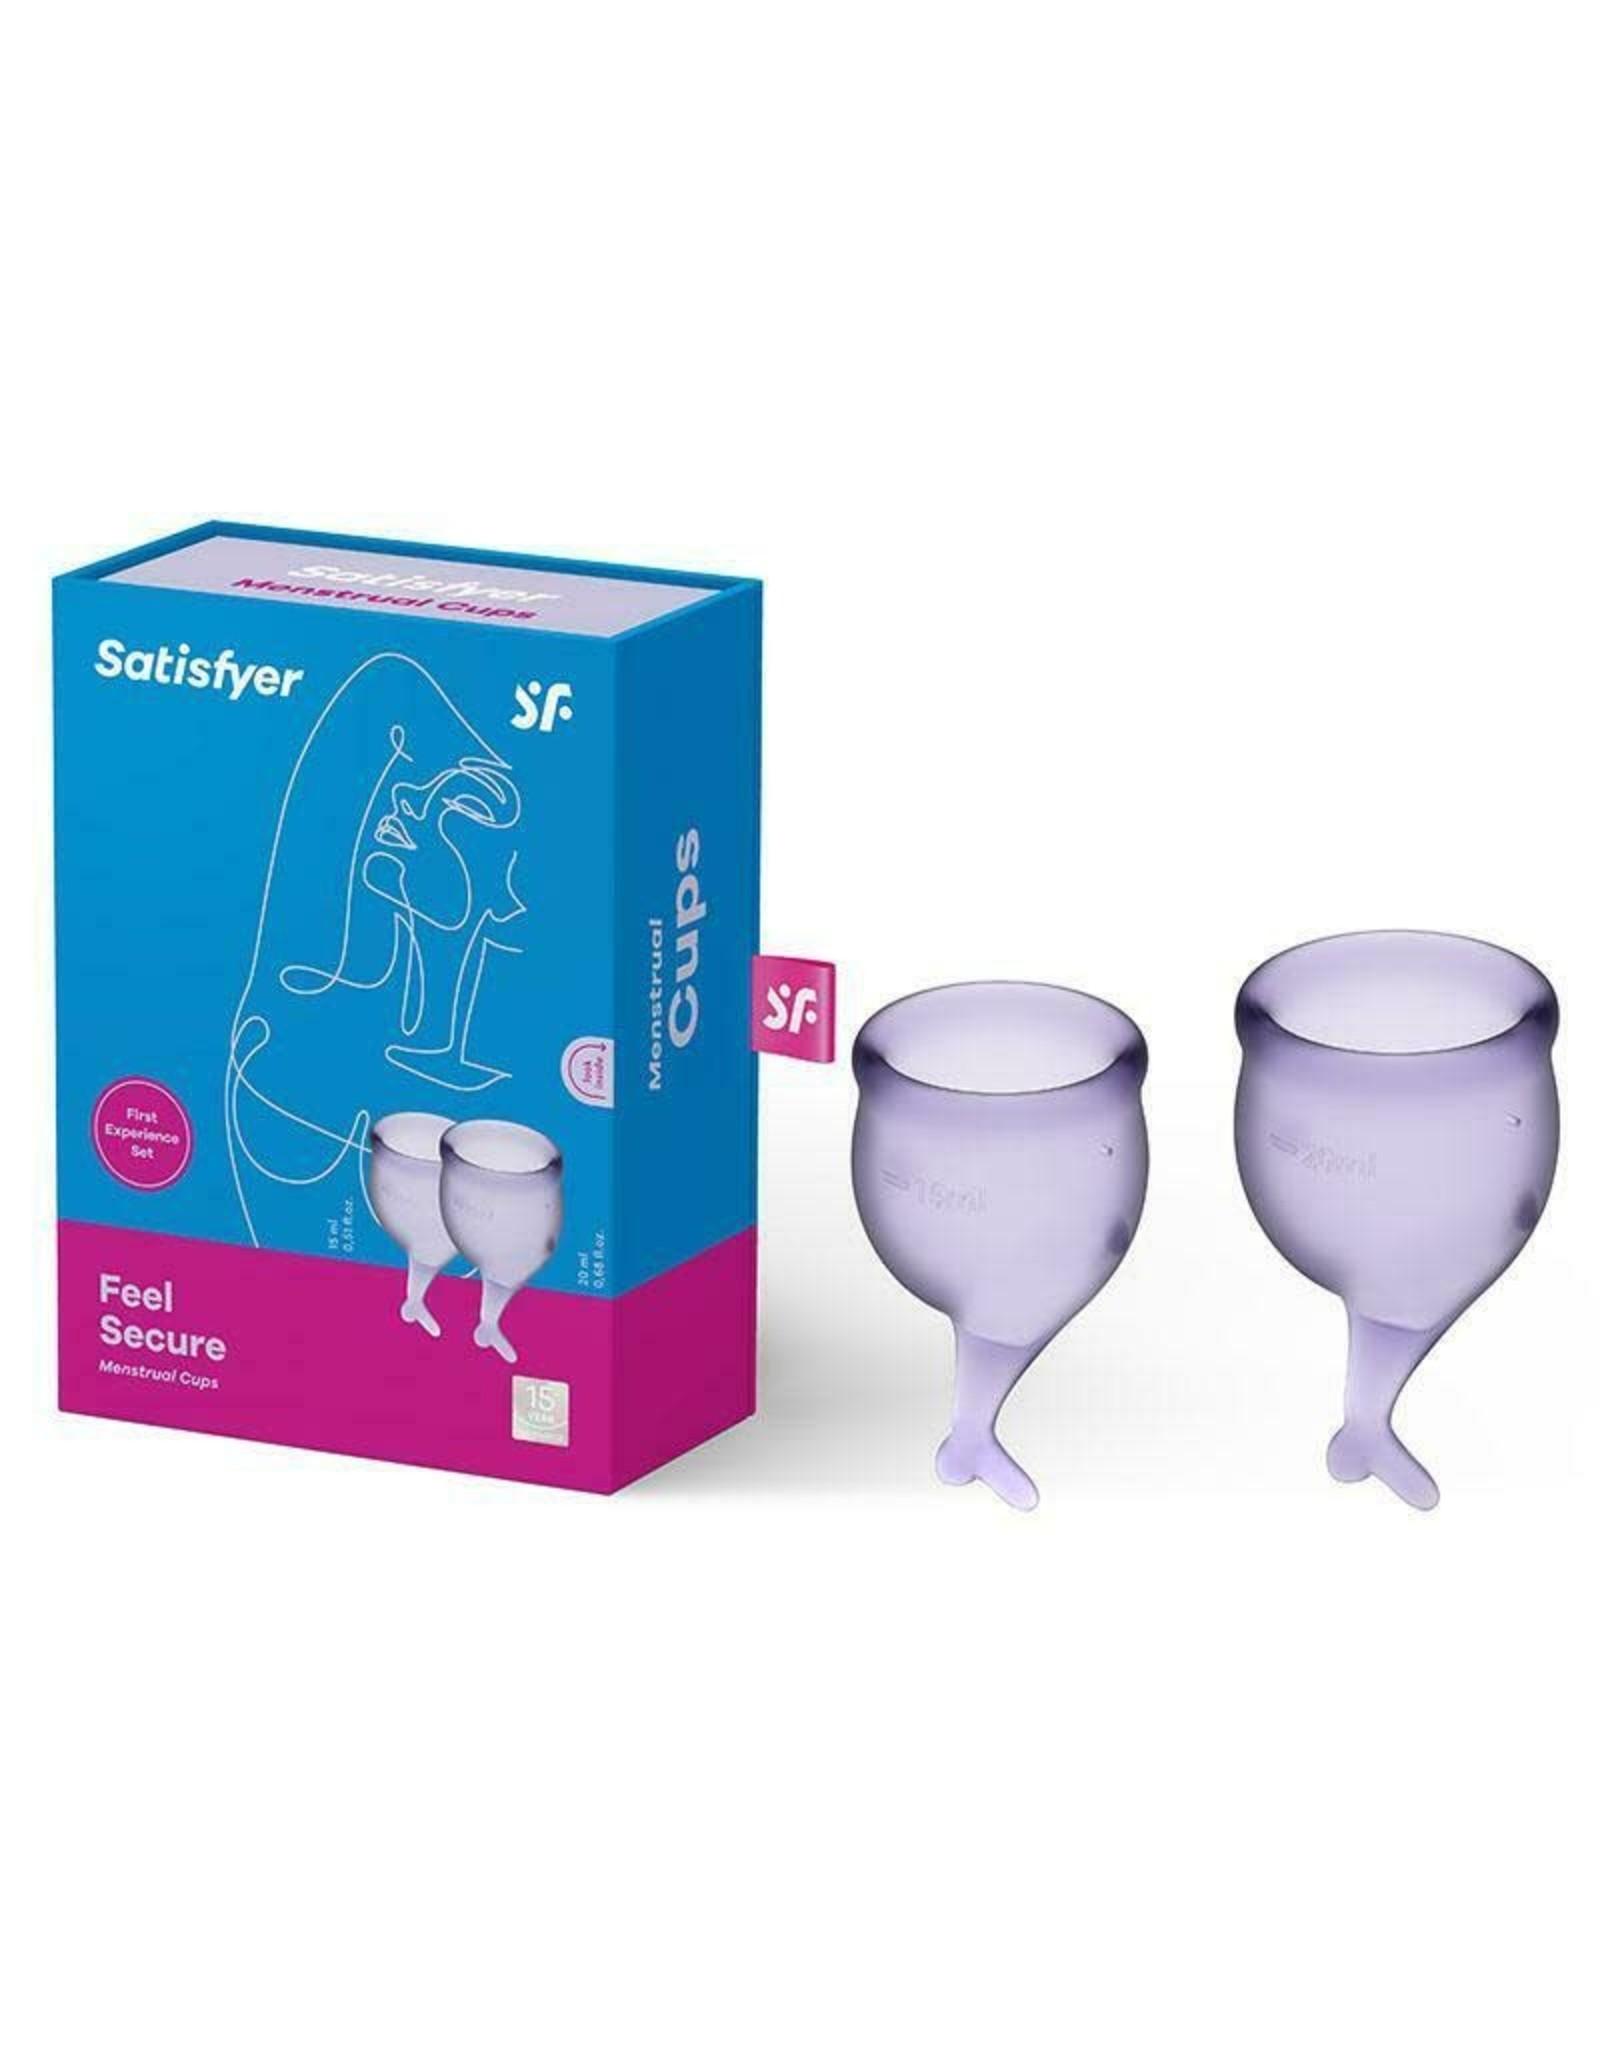 SATISFYER - FEEL SECURE MENSTRUAL CUP (LILAC)